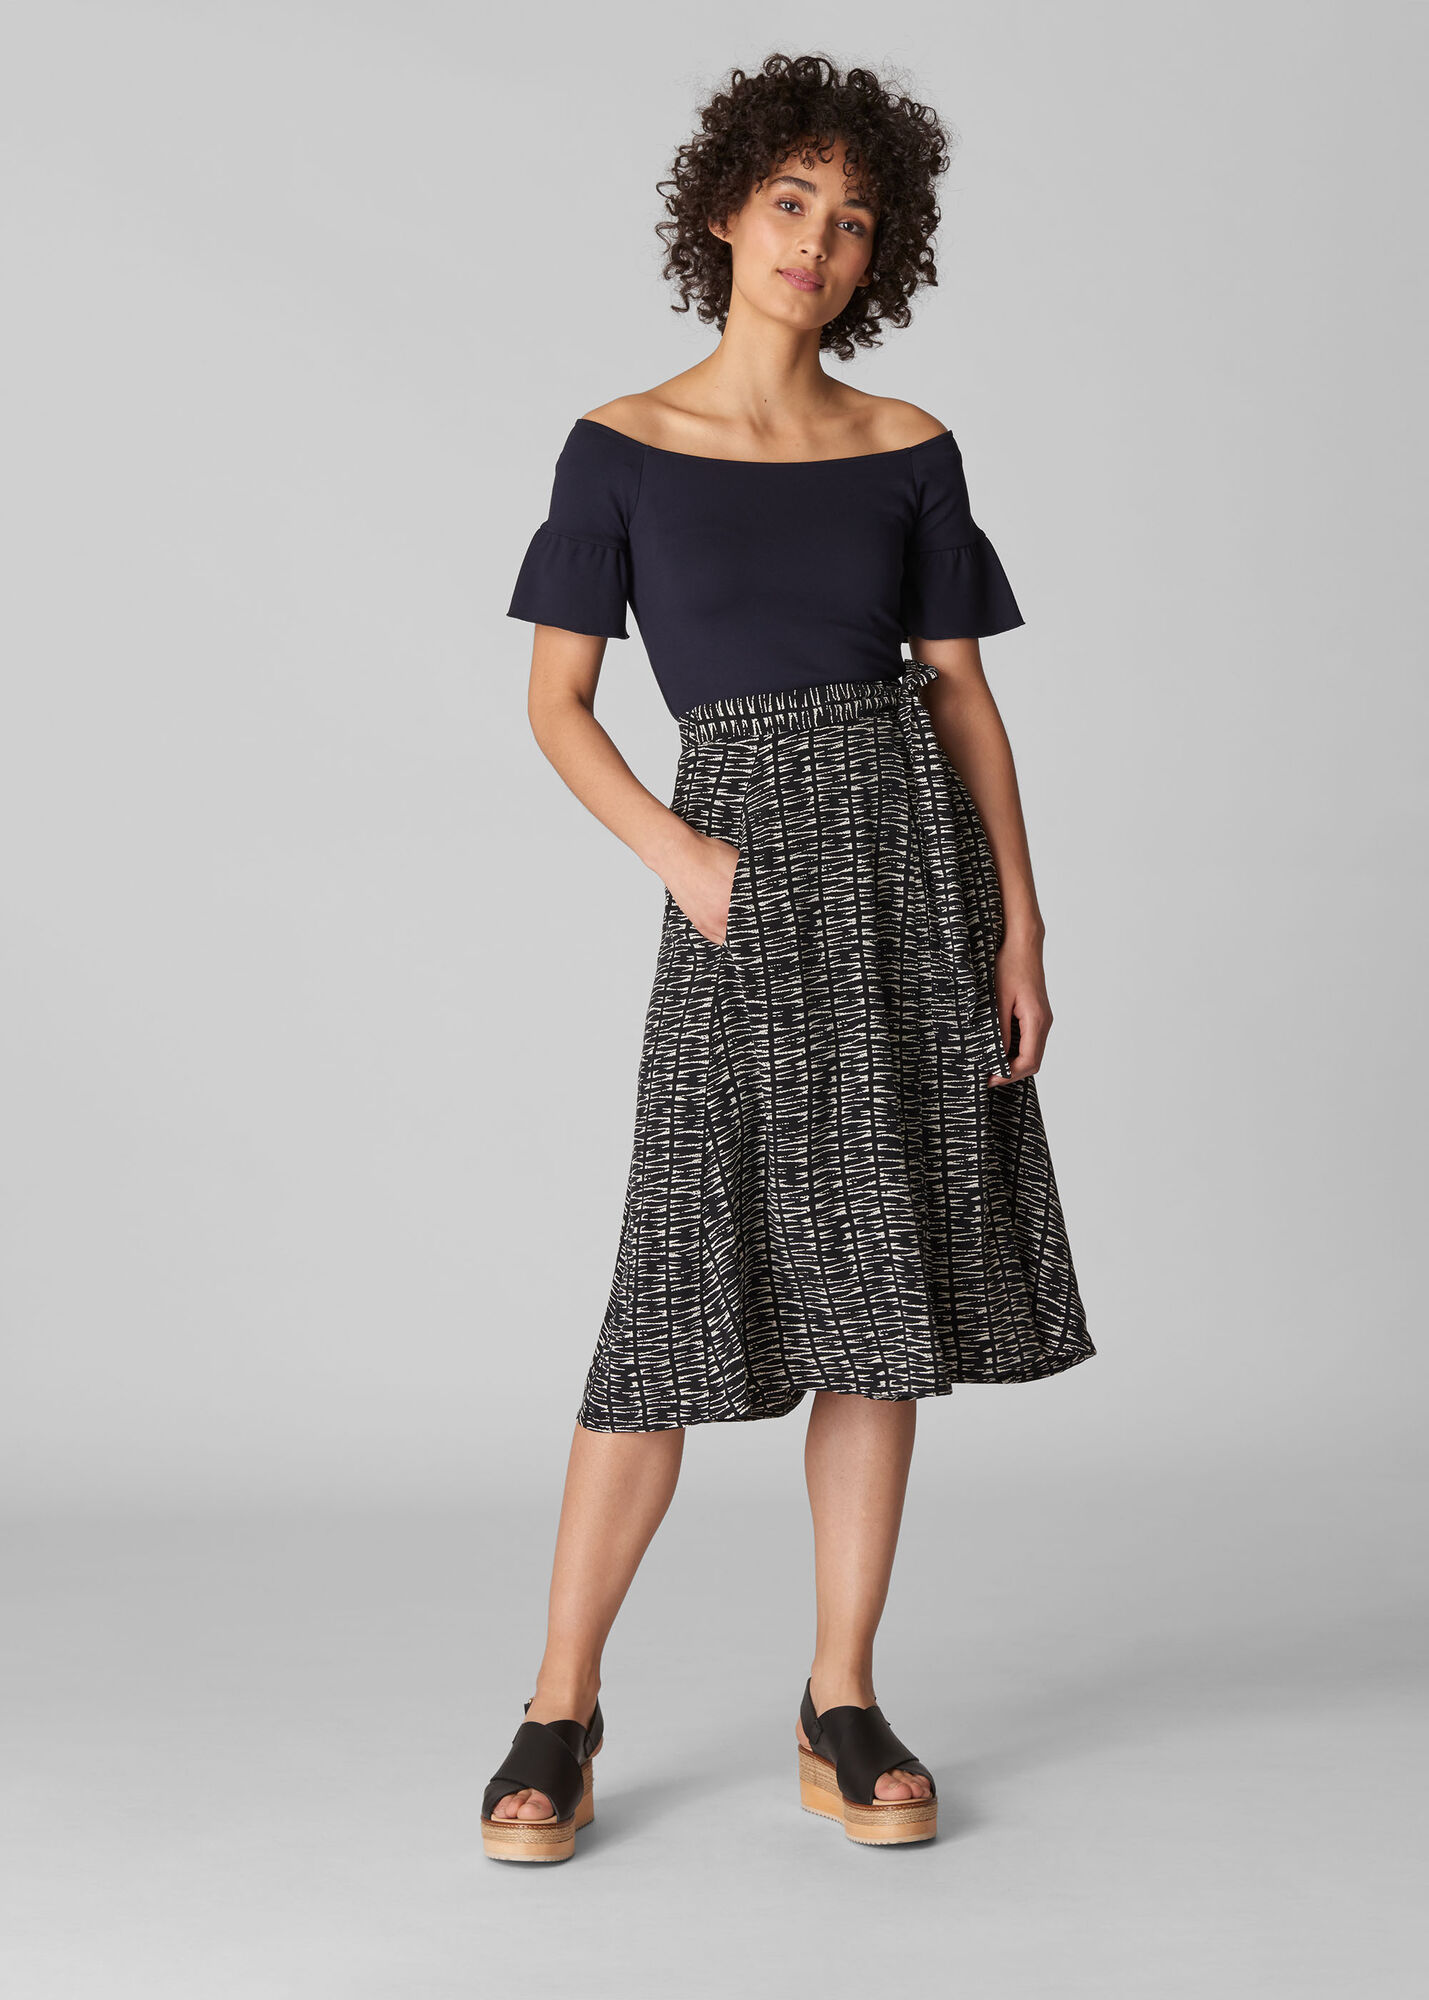 Sahara Print Avie Wrap Skirt